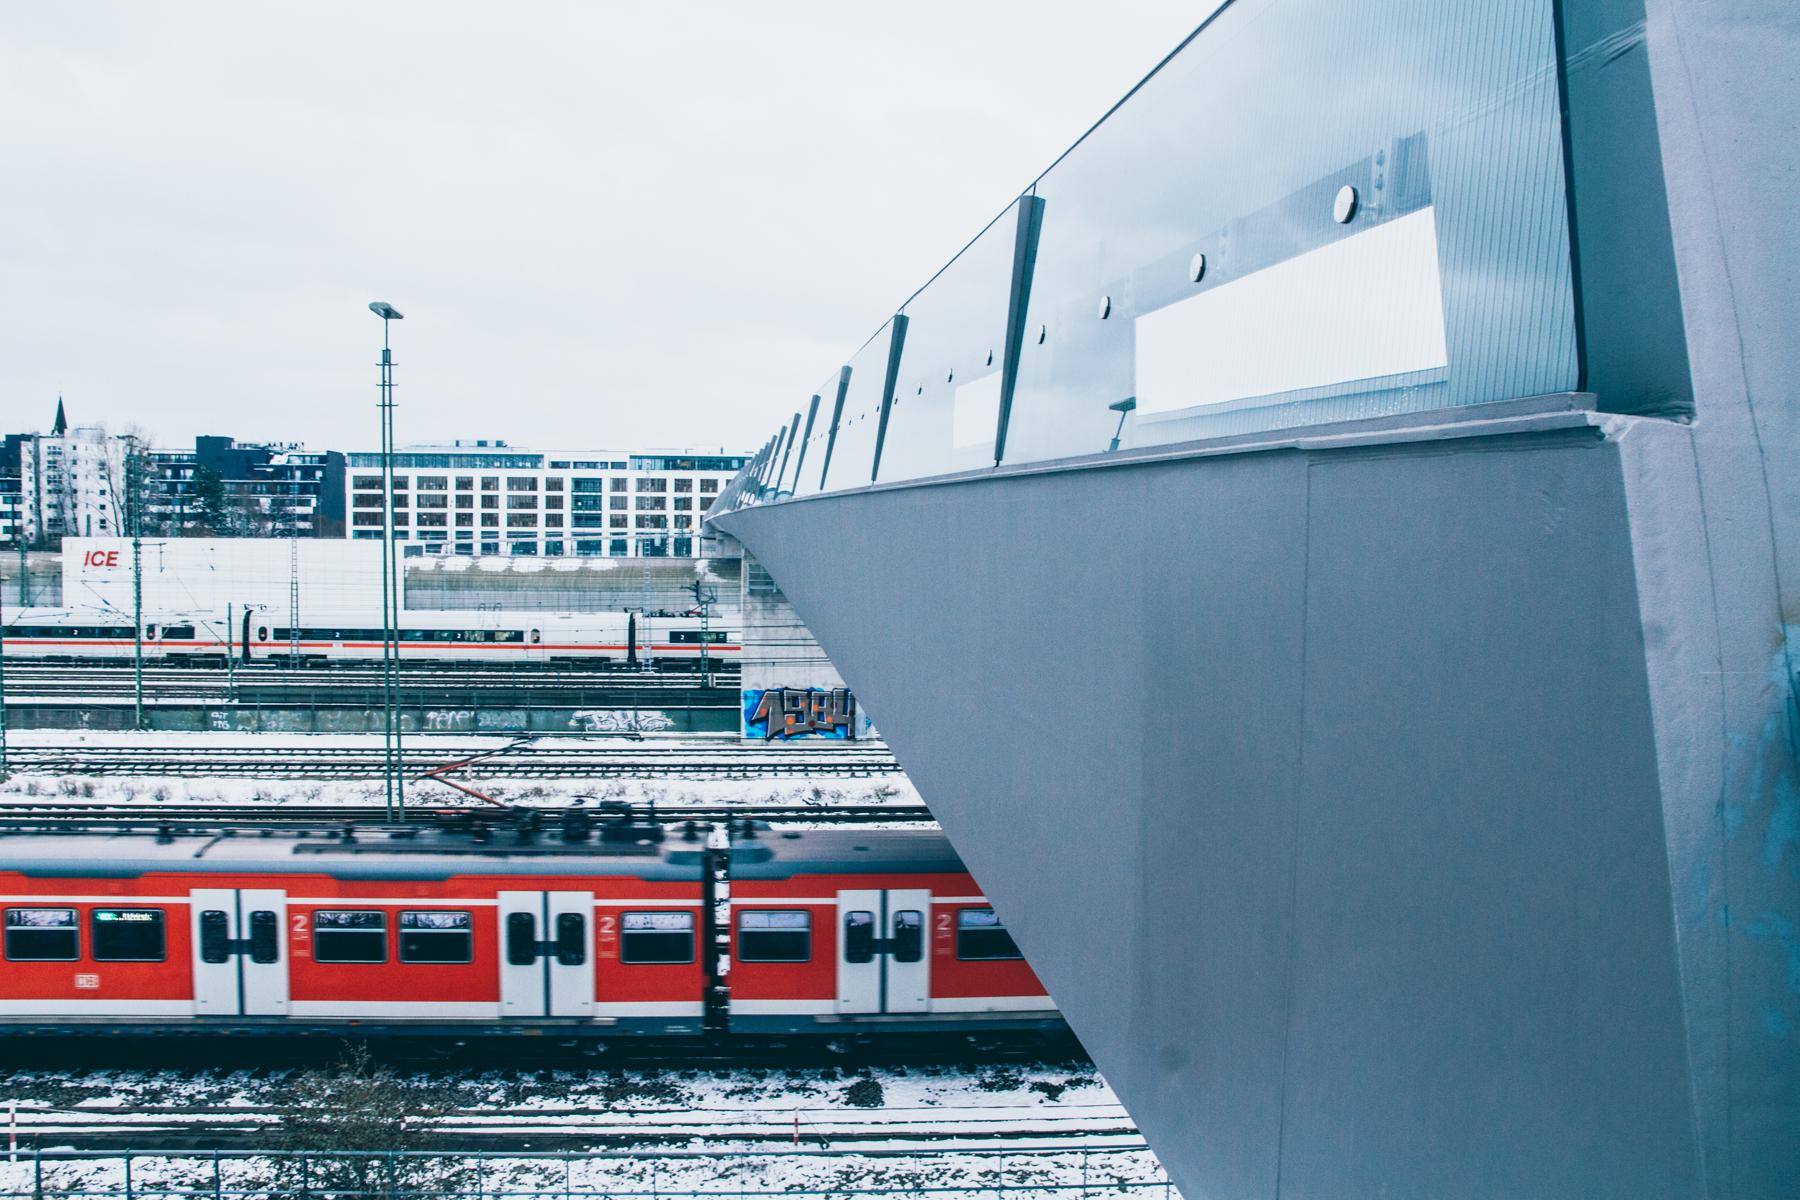 Unter uns die Gleise, über uns der Himmel. – ©wunderland media GmbH